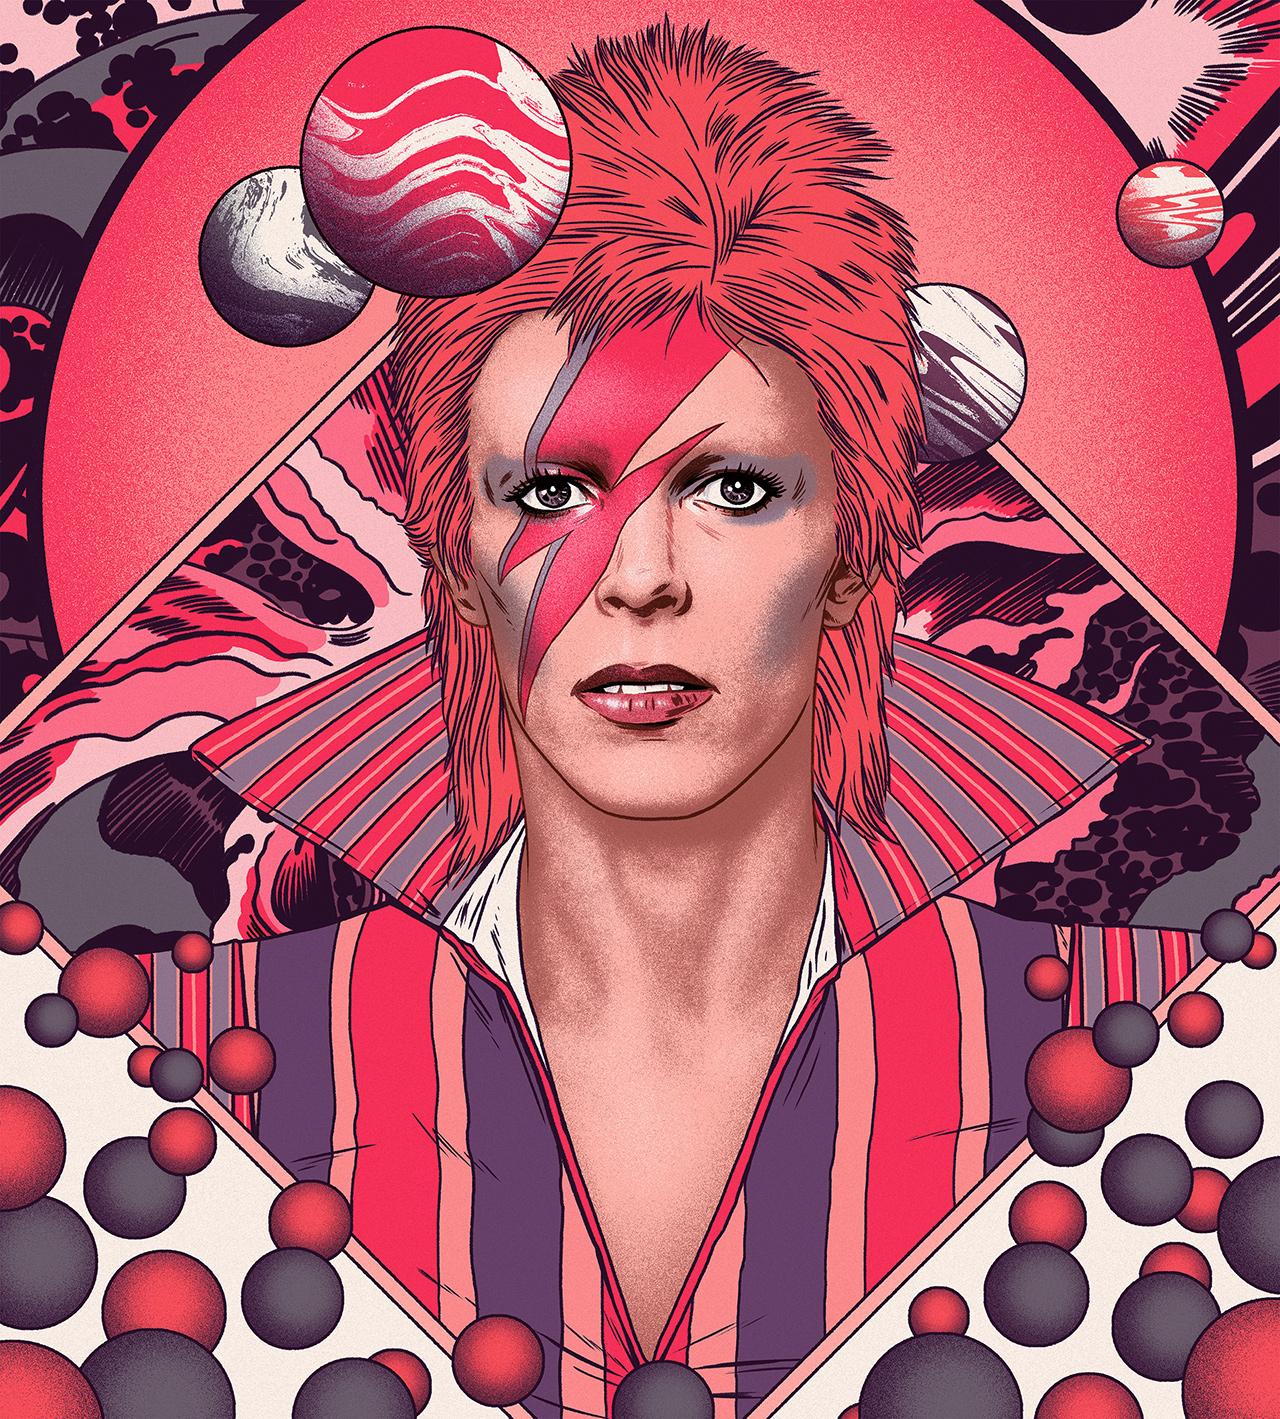 TimbaSmits_LKP_Oracles_Bowie.jpg